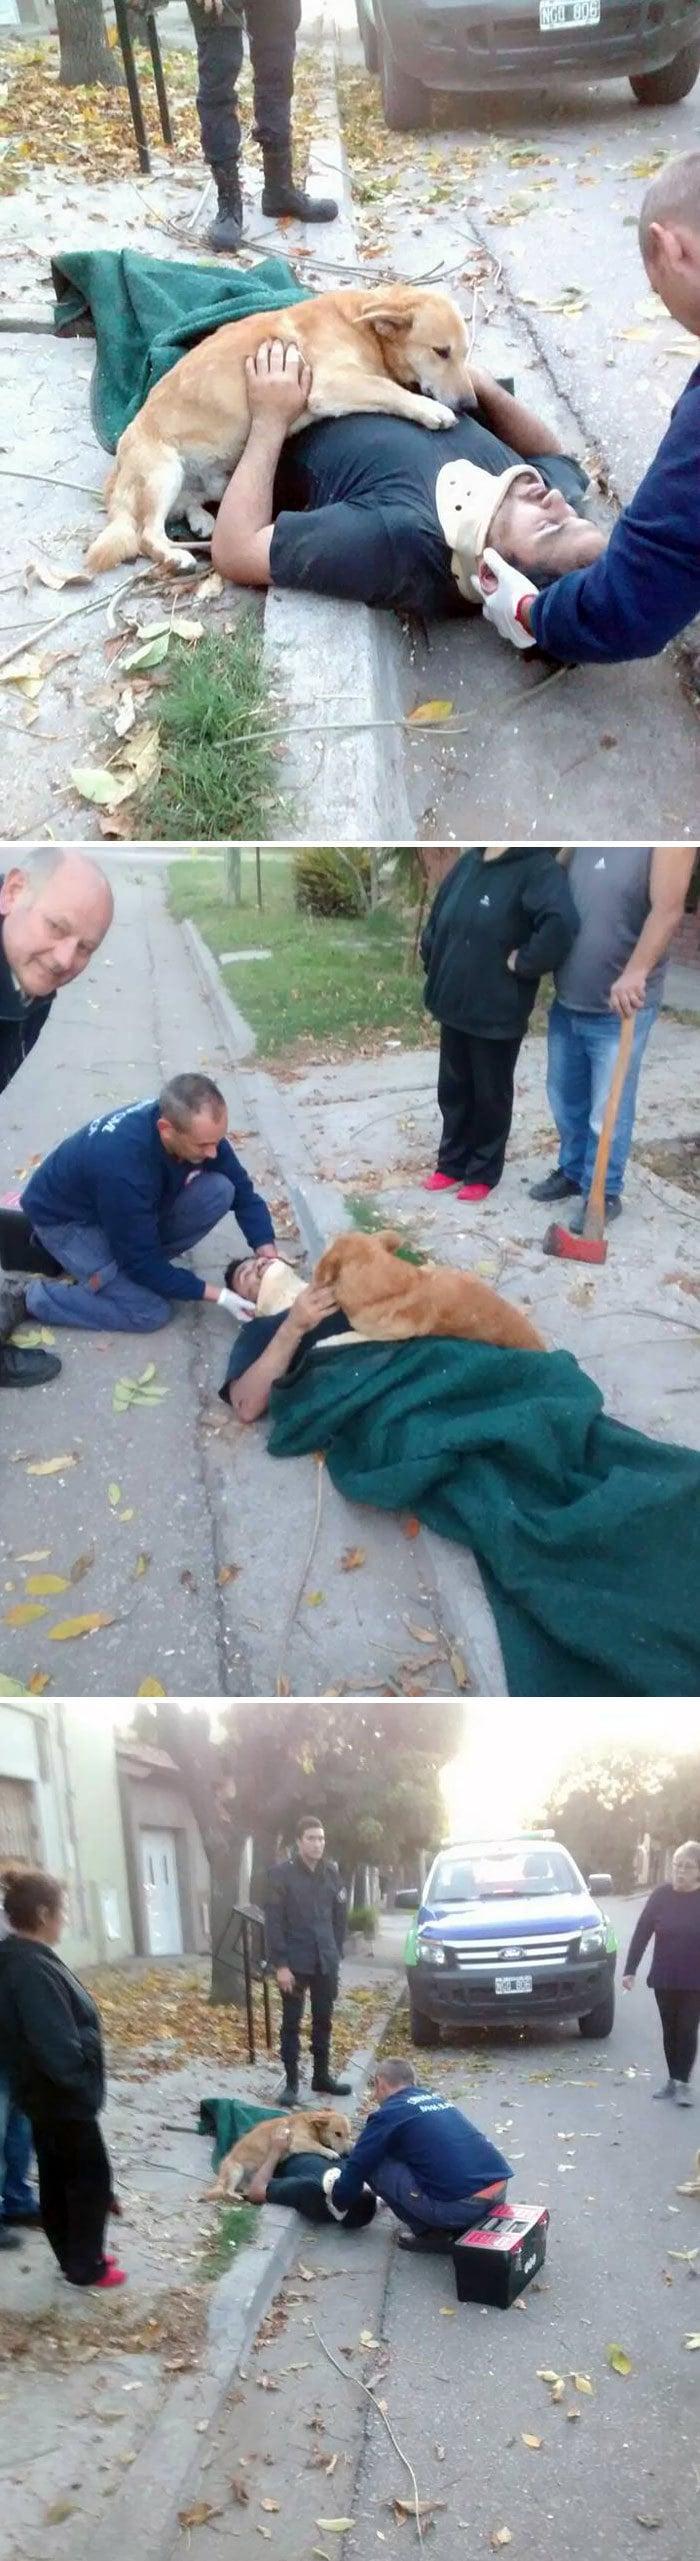 Обеспокоенная собака отказывается перестать обнимать своего владельца, который был ранен в результате падения